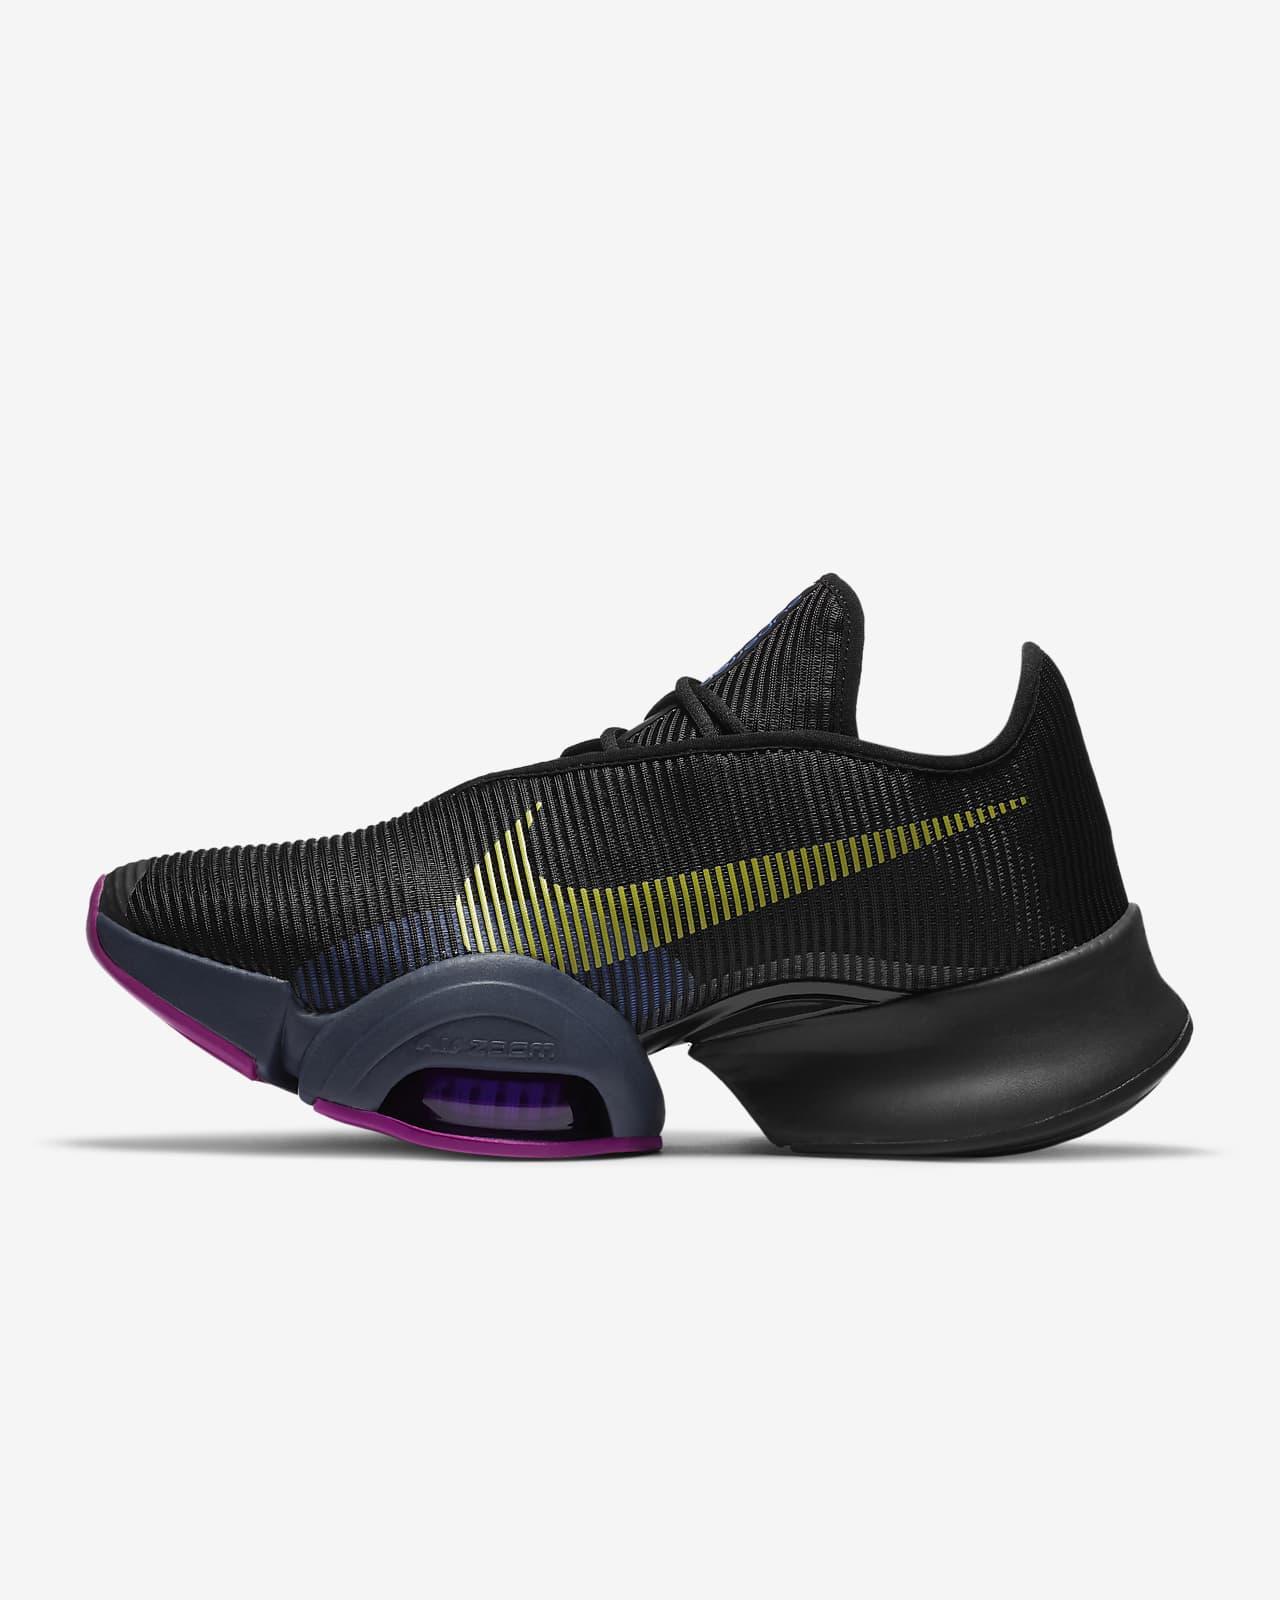 Nike Air Zoom SuperRep 2 Damesschoen voor HIIT-sessies